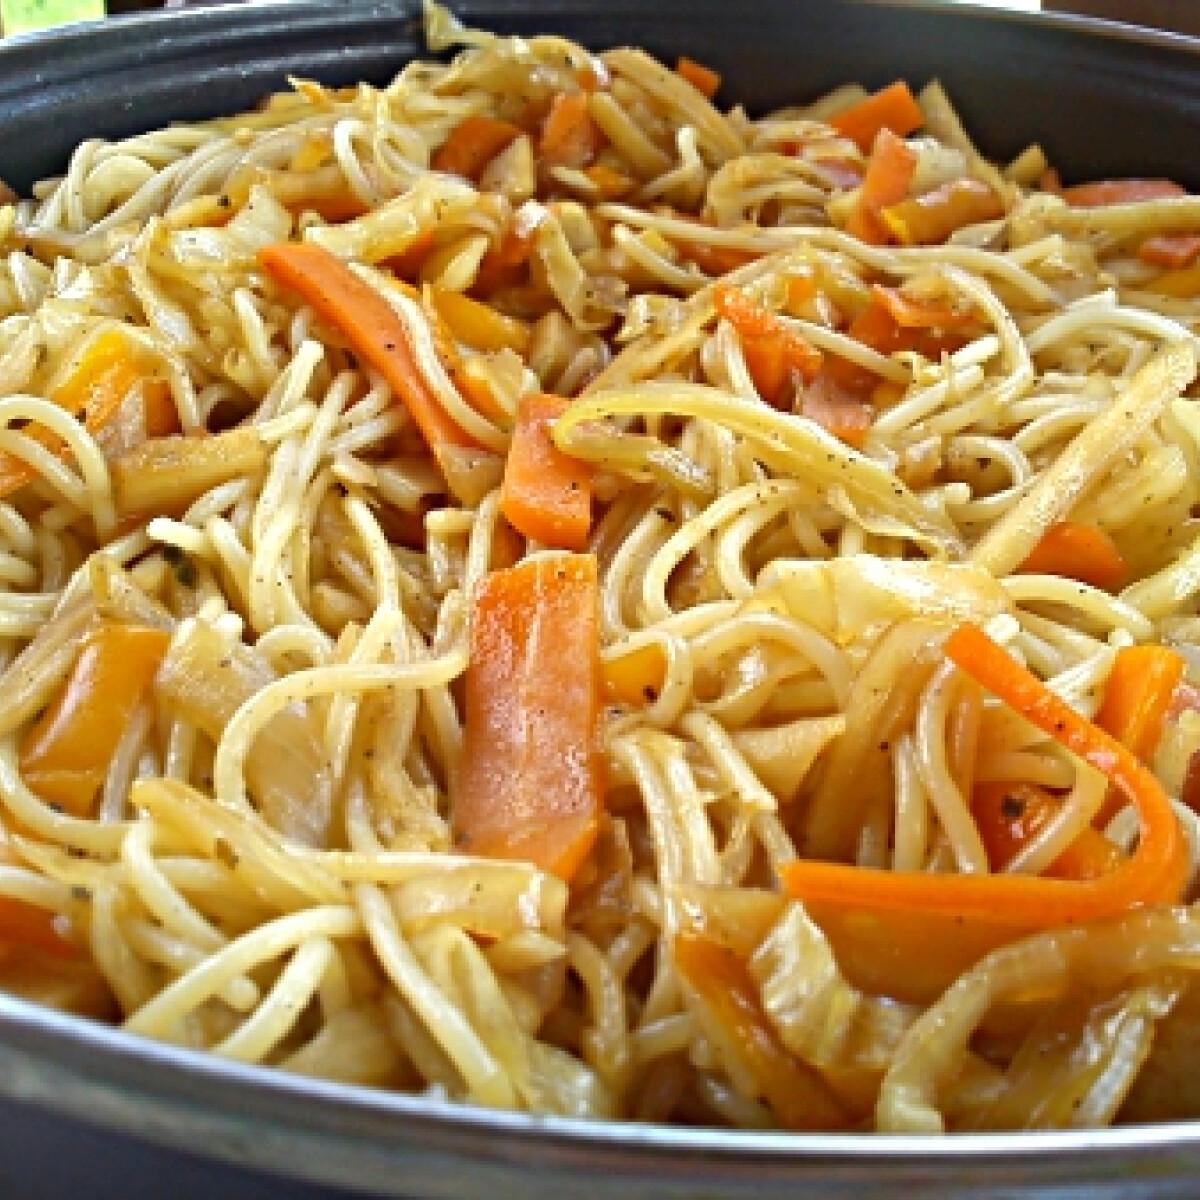 Zöldséges spagetti Miss Sweetly konyhájából